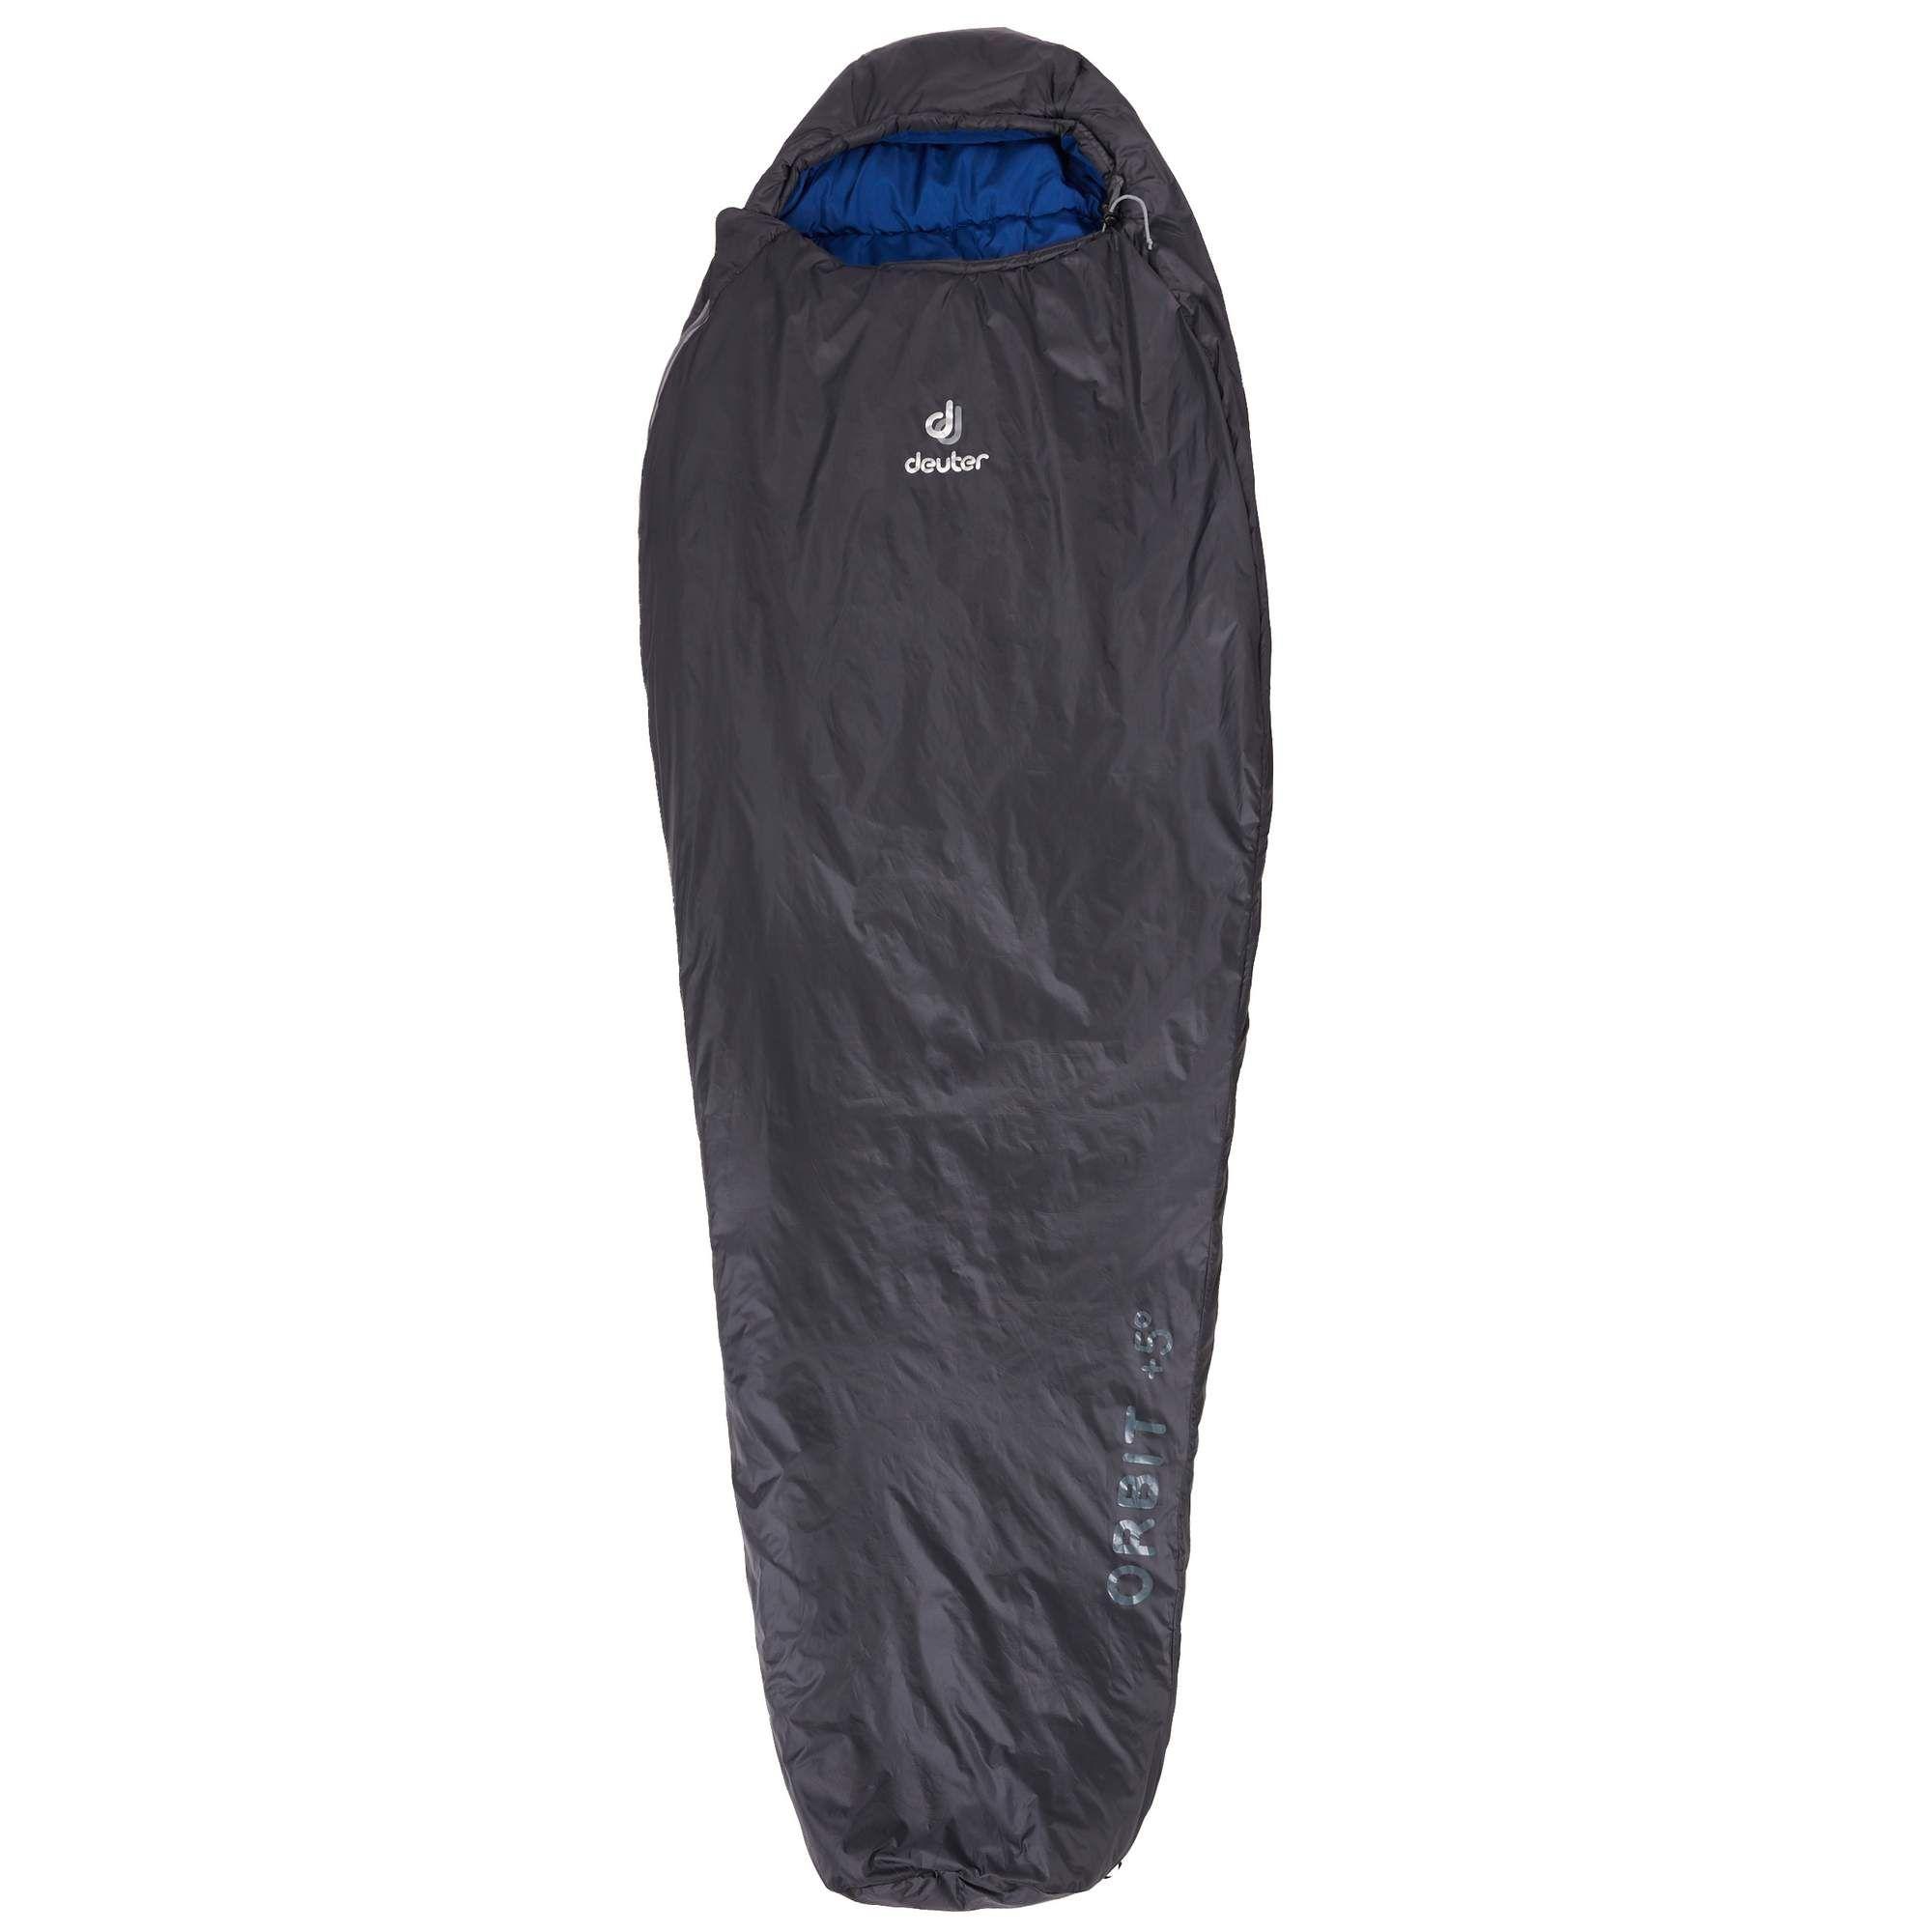 Спальный мешок Deuter Orbit +5° - фото 3